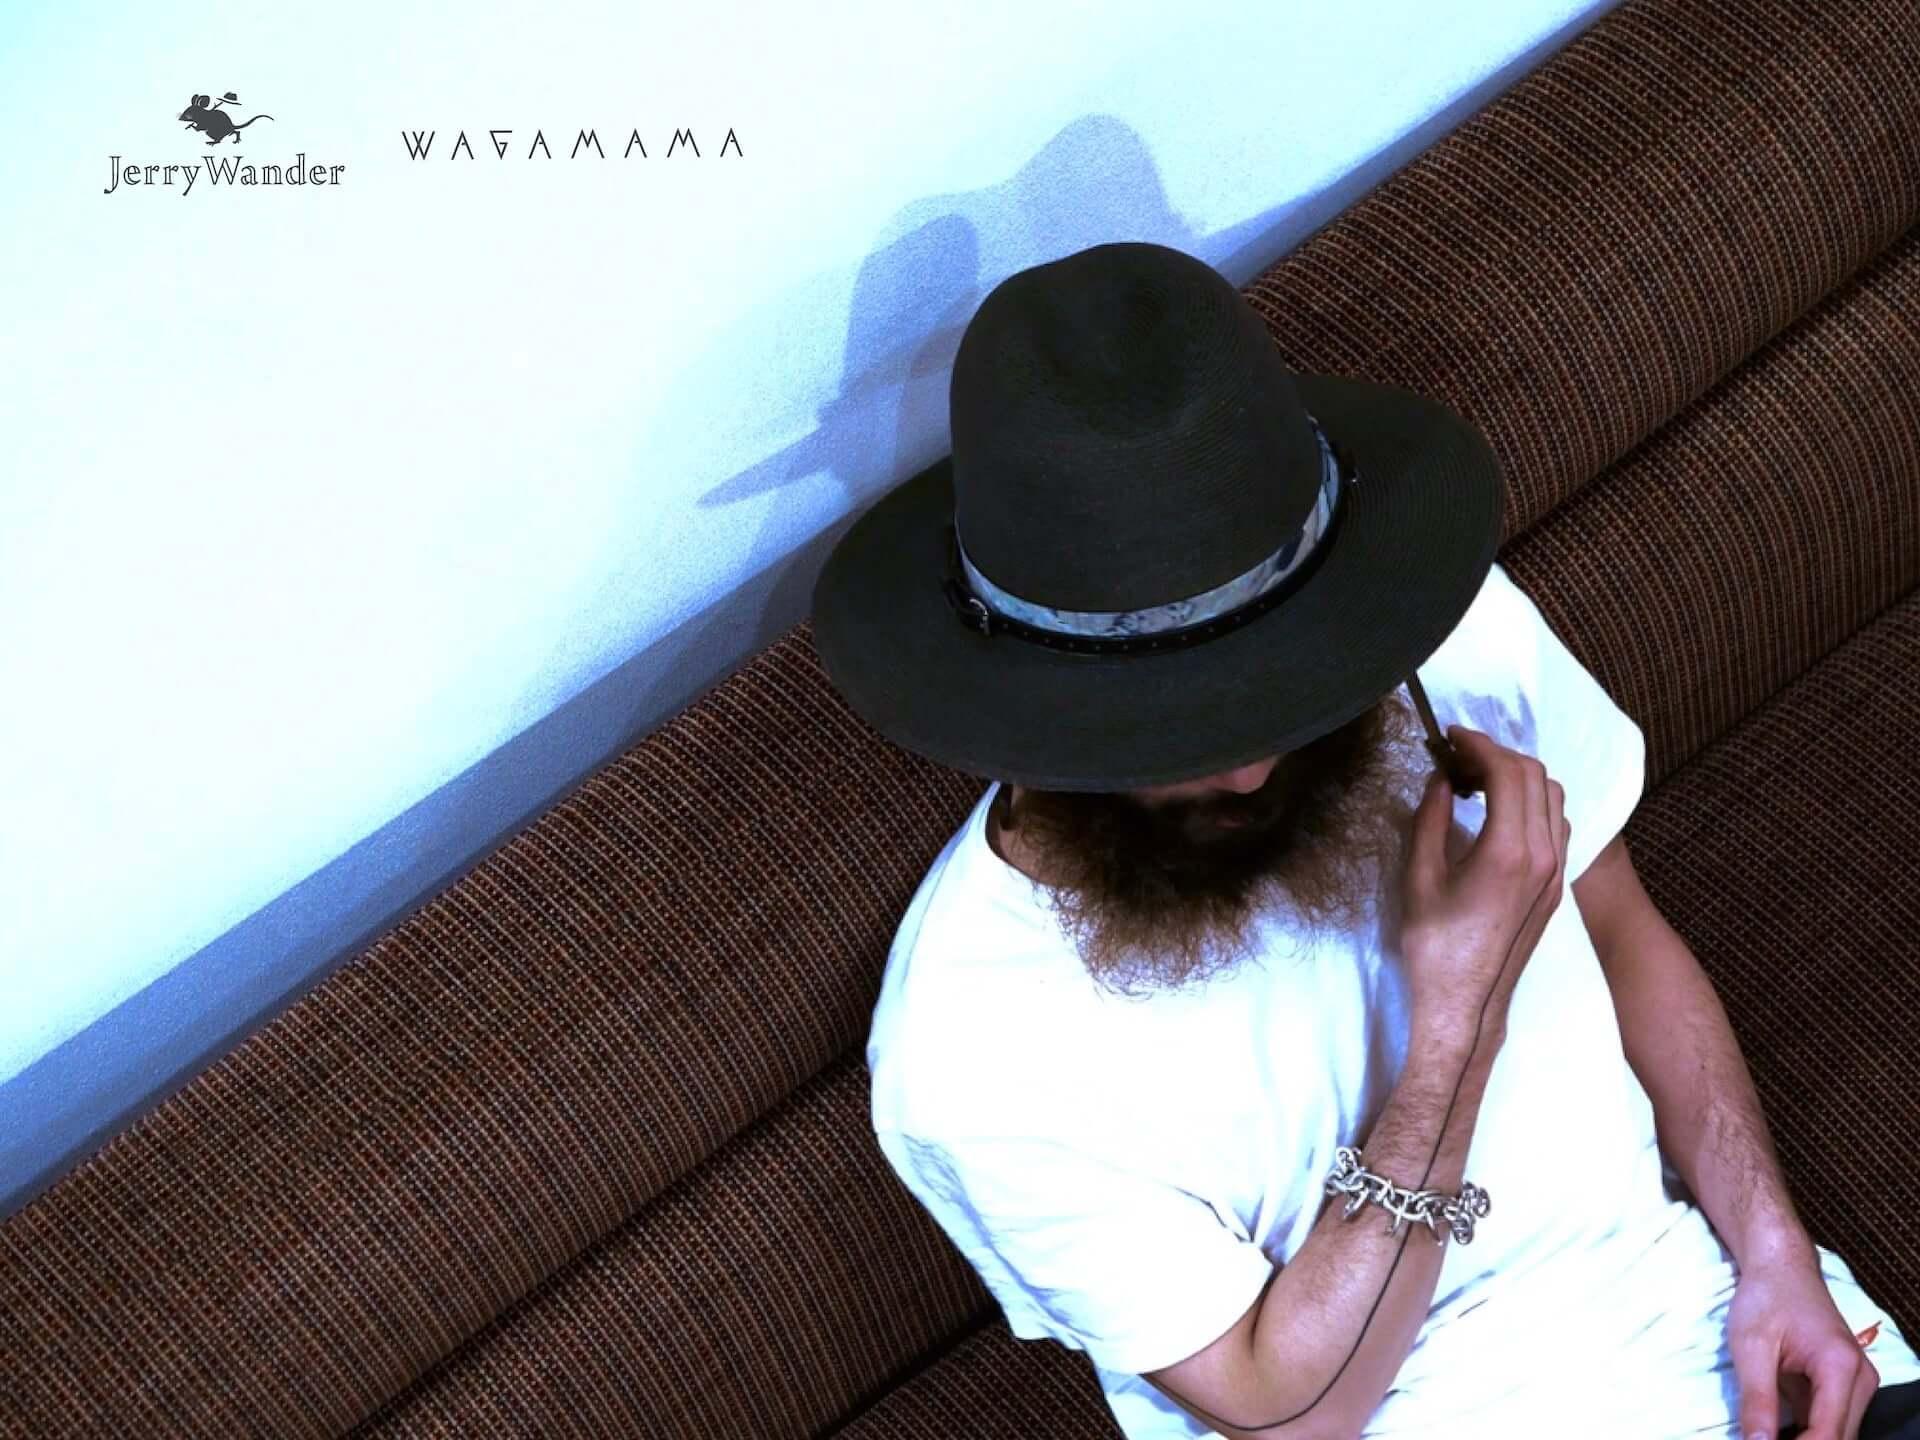 新たな帽子ブランド「Jerry Wander」に現代的レンジャーハットが登場!WAGAMAMA TOKYOとの別注モデルも life200408_jerrywander_7-1920x1440